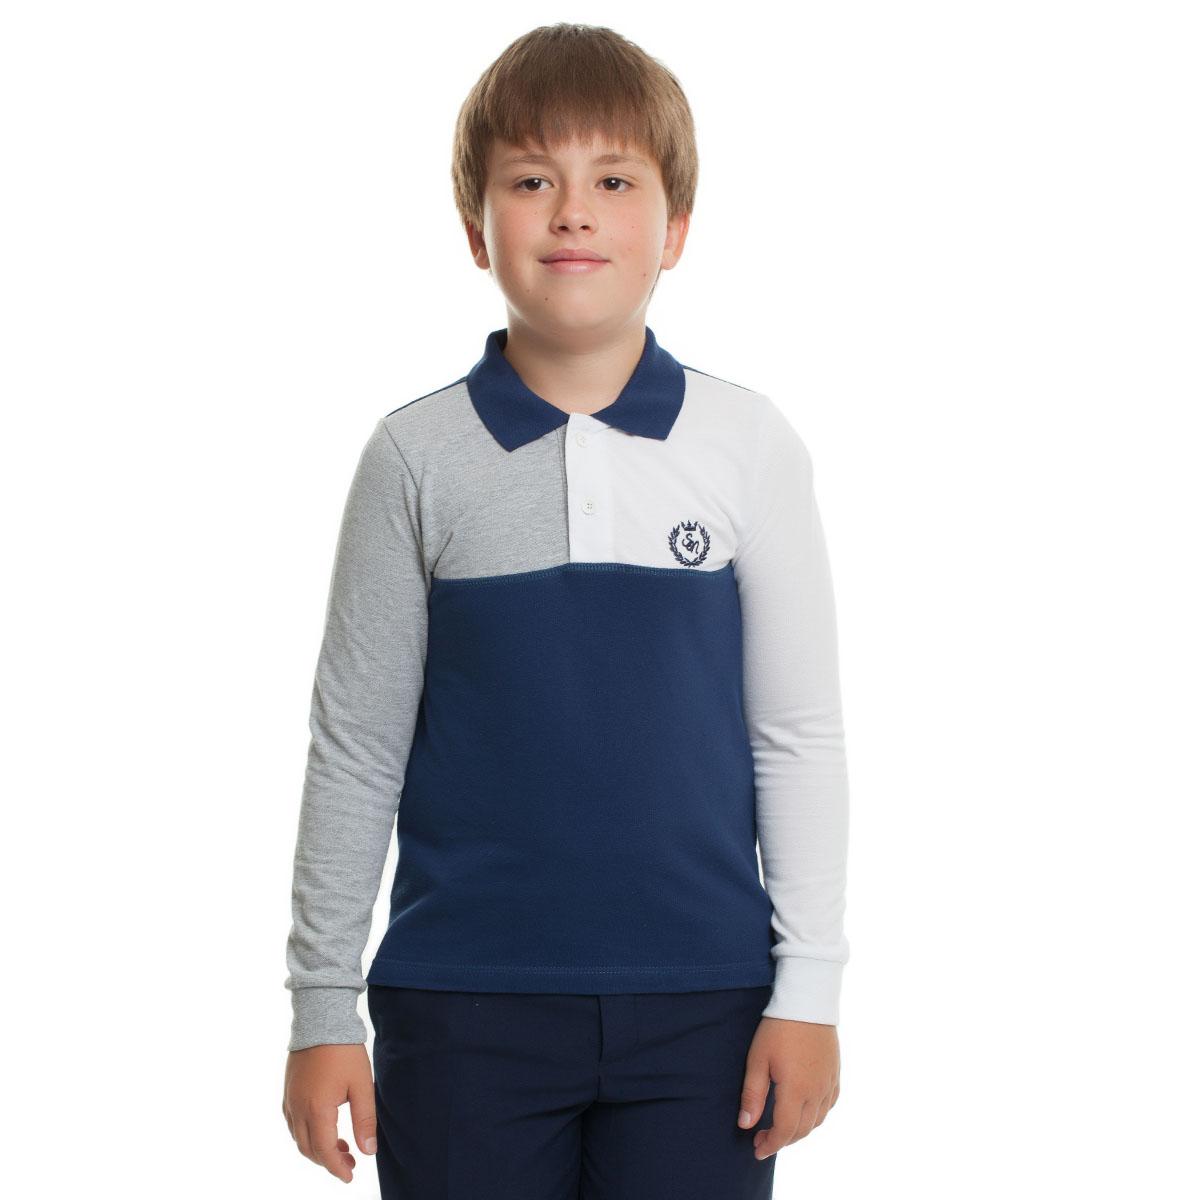 Рубашка поло Sevenext, B-12516 рубашка поло sevenext в 12046